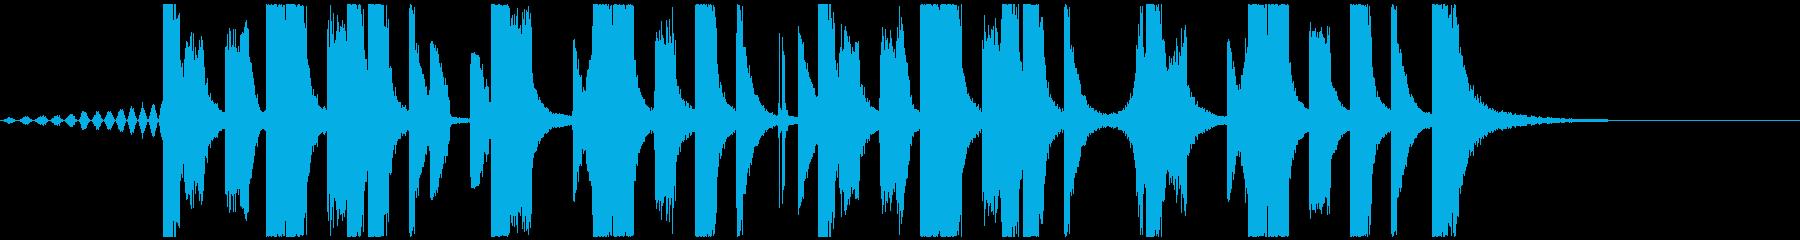 ジングル向けFuture Bass 2の再生済みの波形